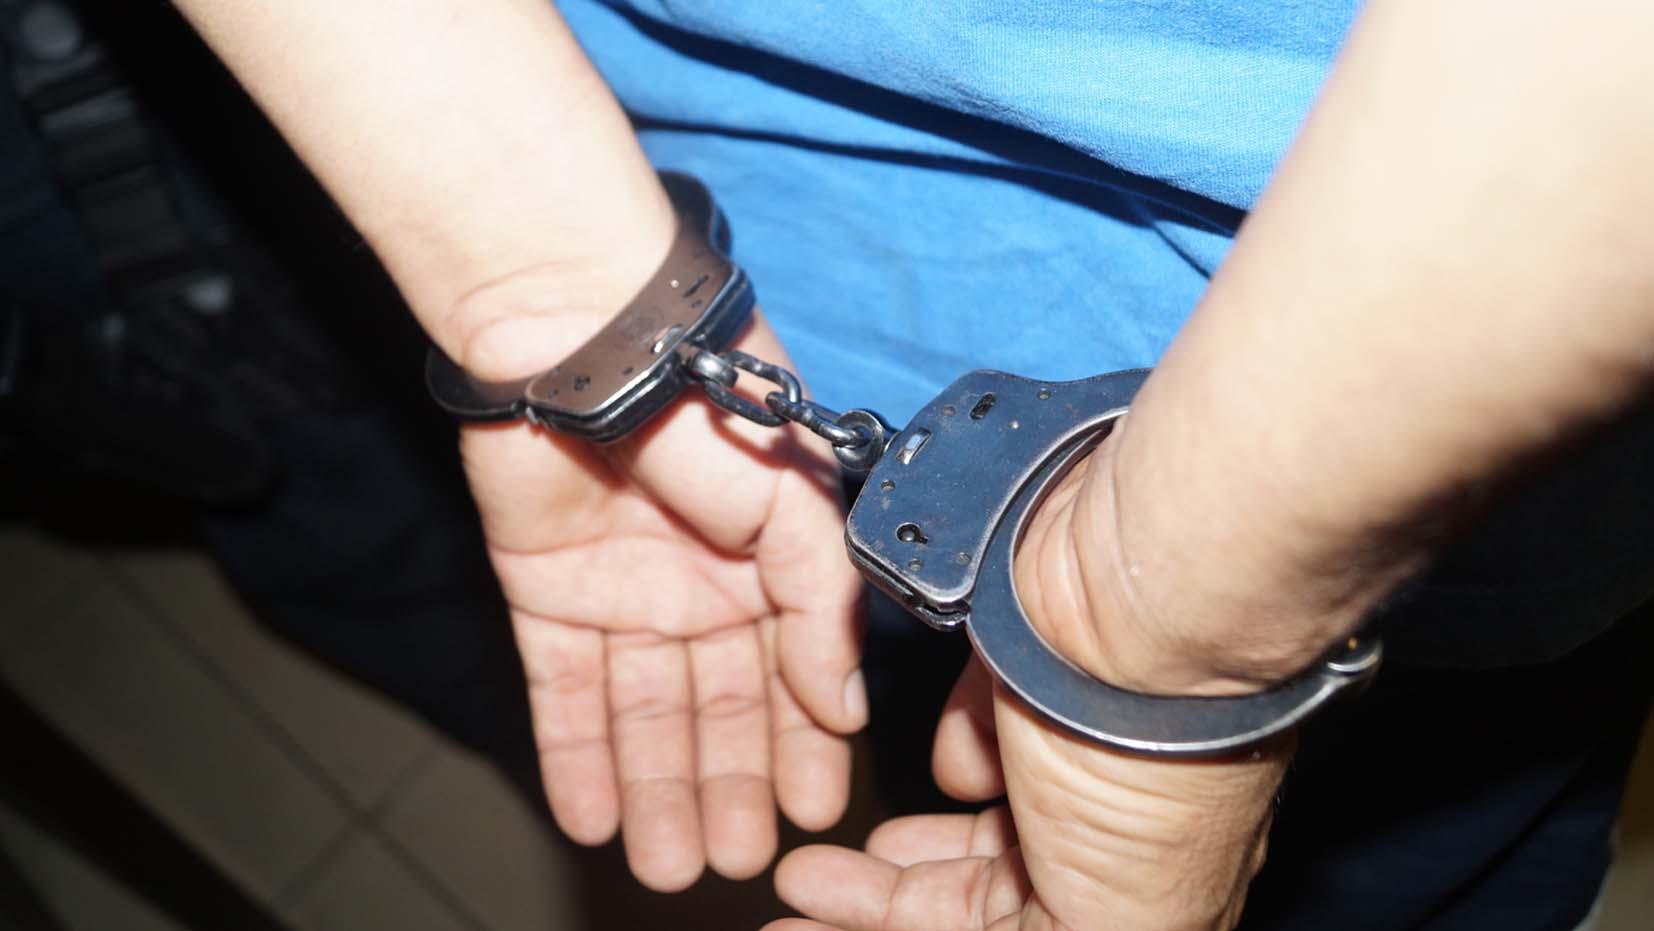 Los sujetos detenidos responden a los nombres de Alexis Fernández, Leonel Zamora , Migdalia Rodríguez , Yumaira Rodríguez, y Nelson Mosquera